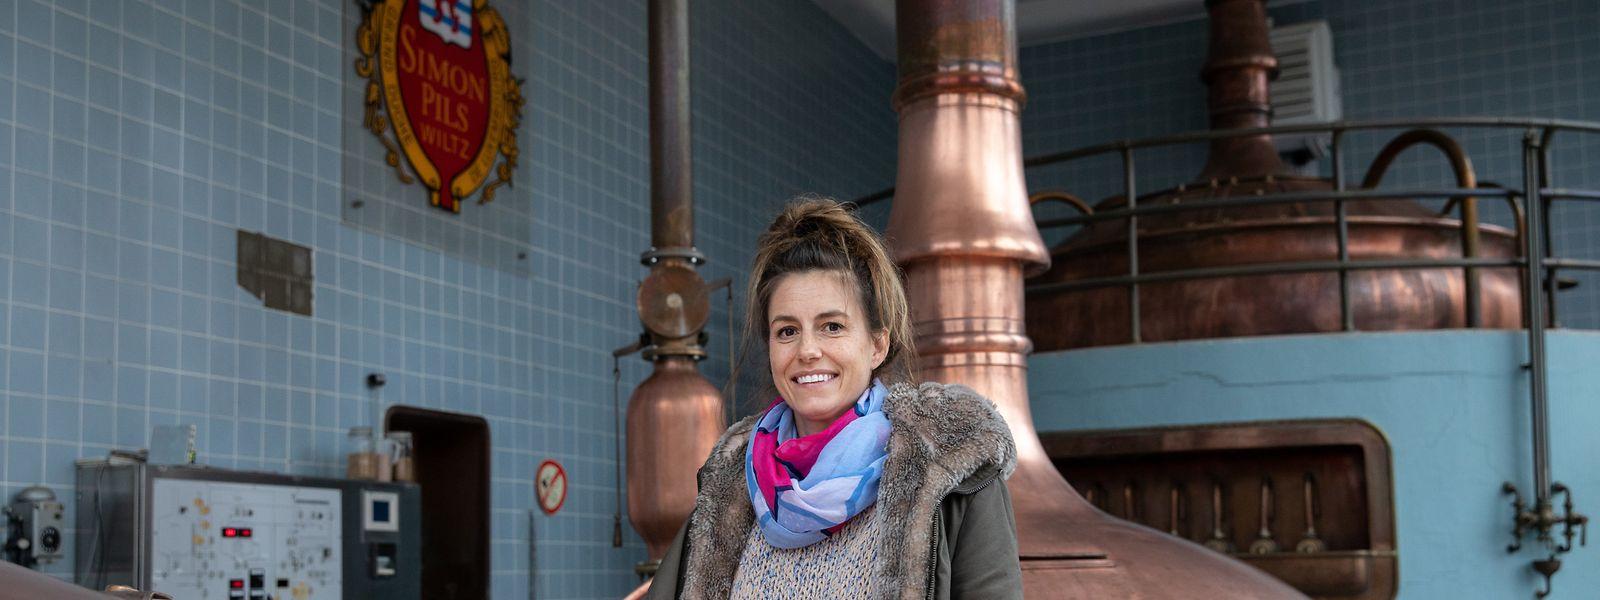 Betty Fontaine will mit ihrer Brasserie Simon unabhängig bleiben.